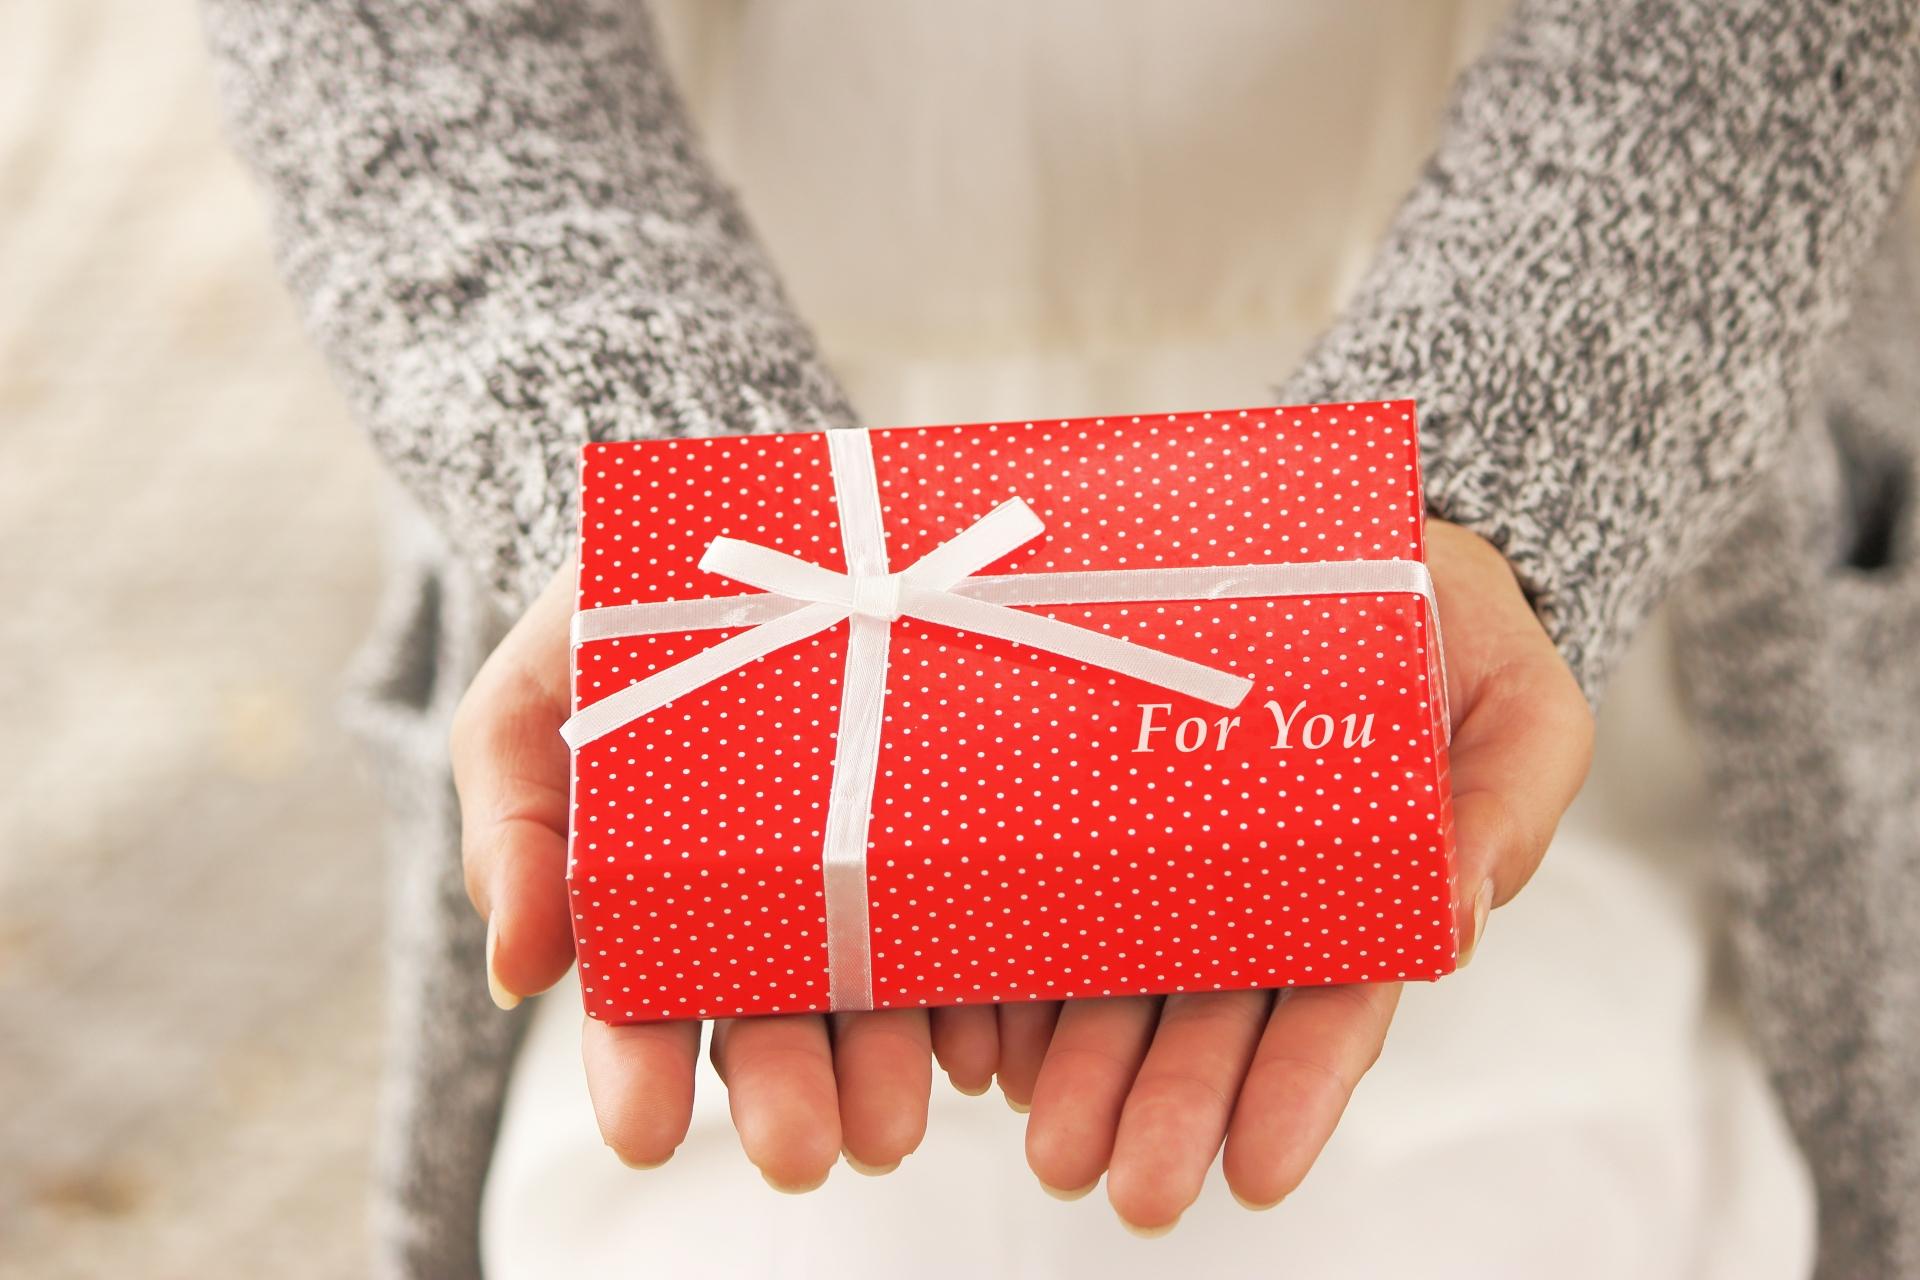 10代の彼氏が喜ぶ2000円のおすすめ誕生日プレゼント10選